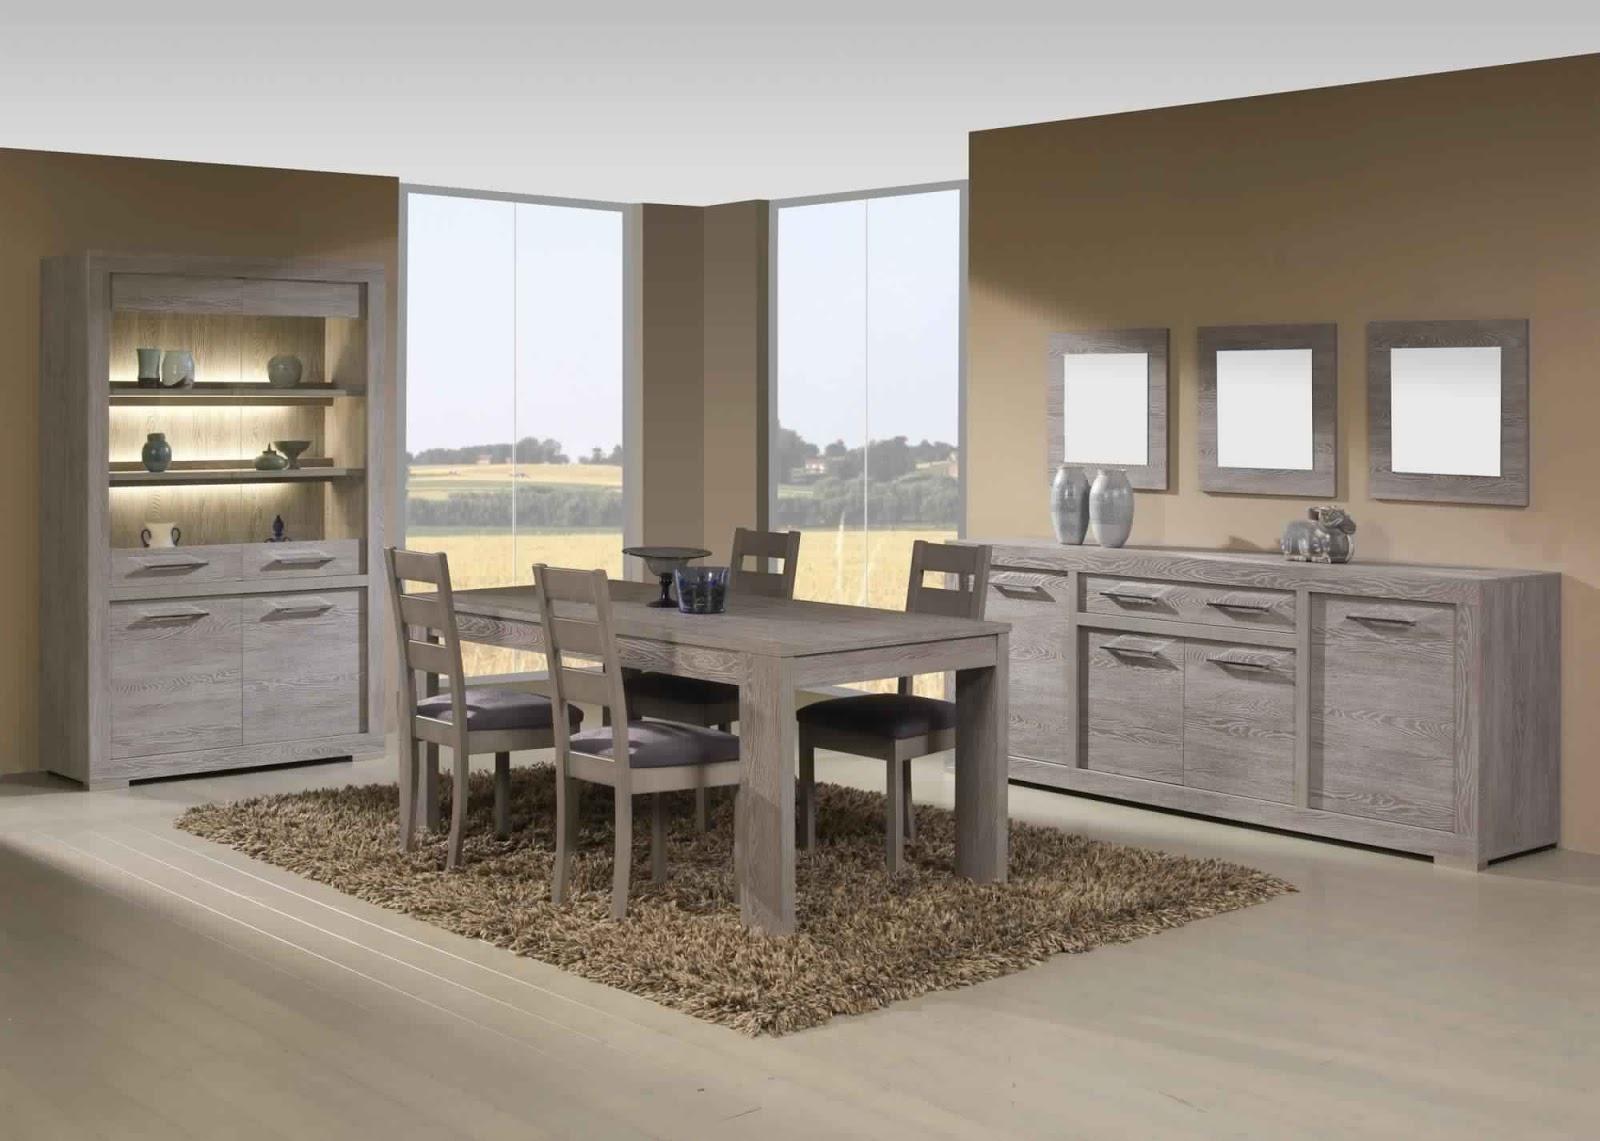 Salle à manger complète avec table ronde   salle à manger